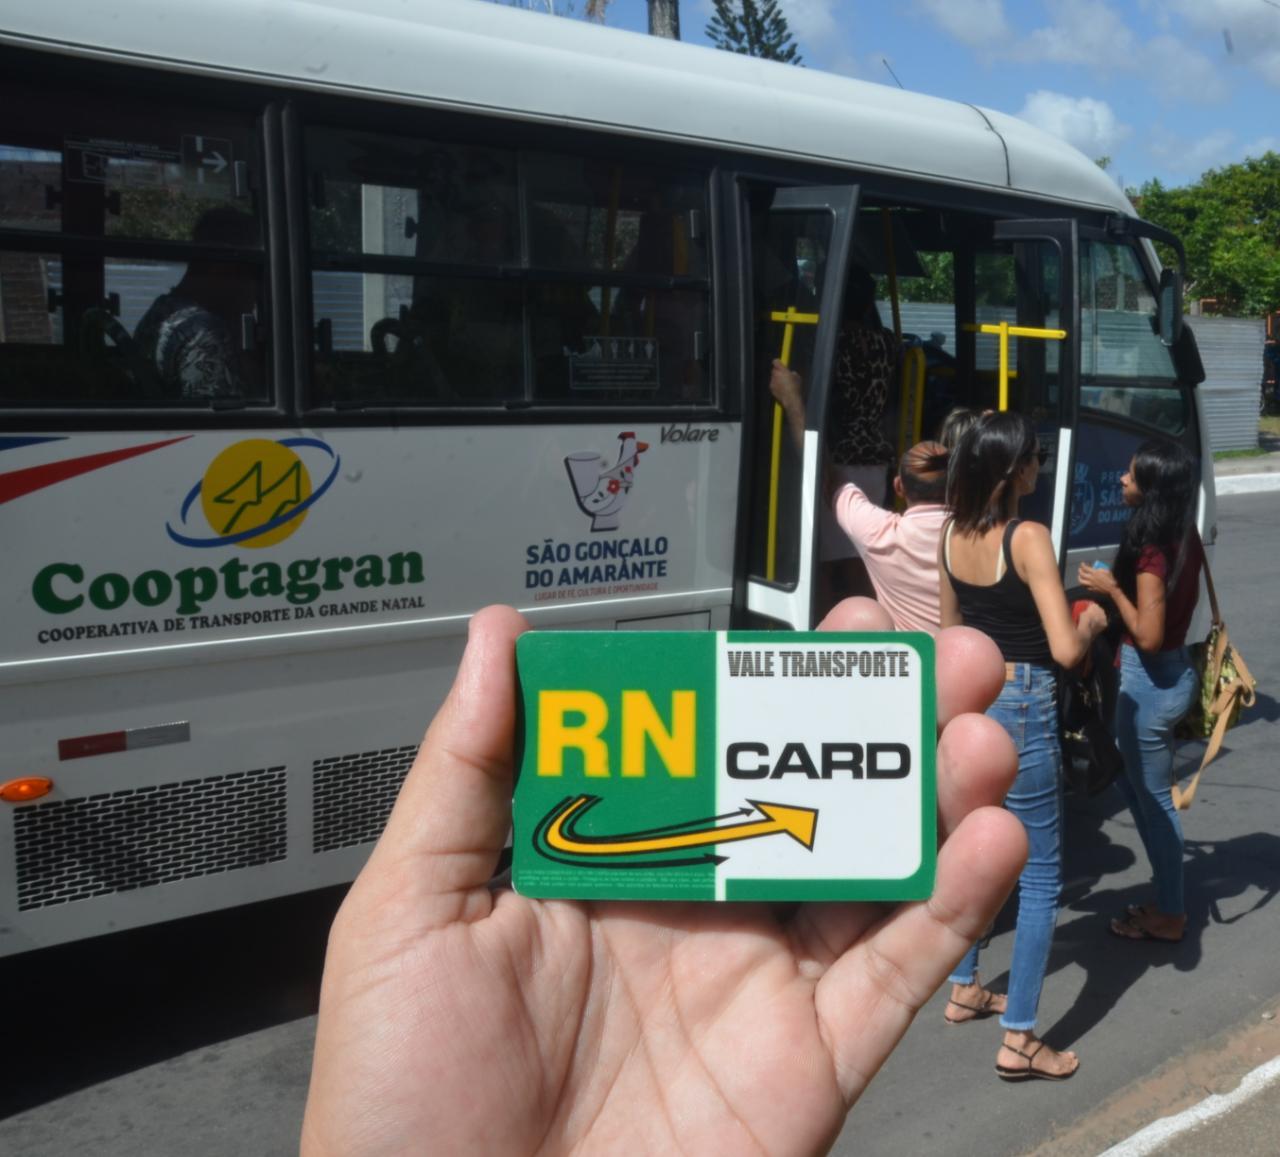 Transporte interbairros de São Gonçalo inicia operação com bilhetagem eletrônica neste domingo (22)